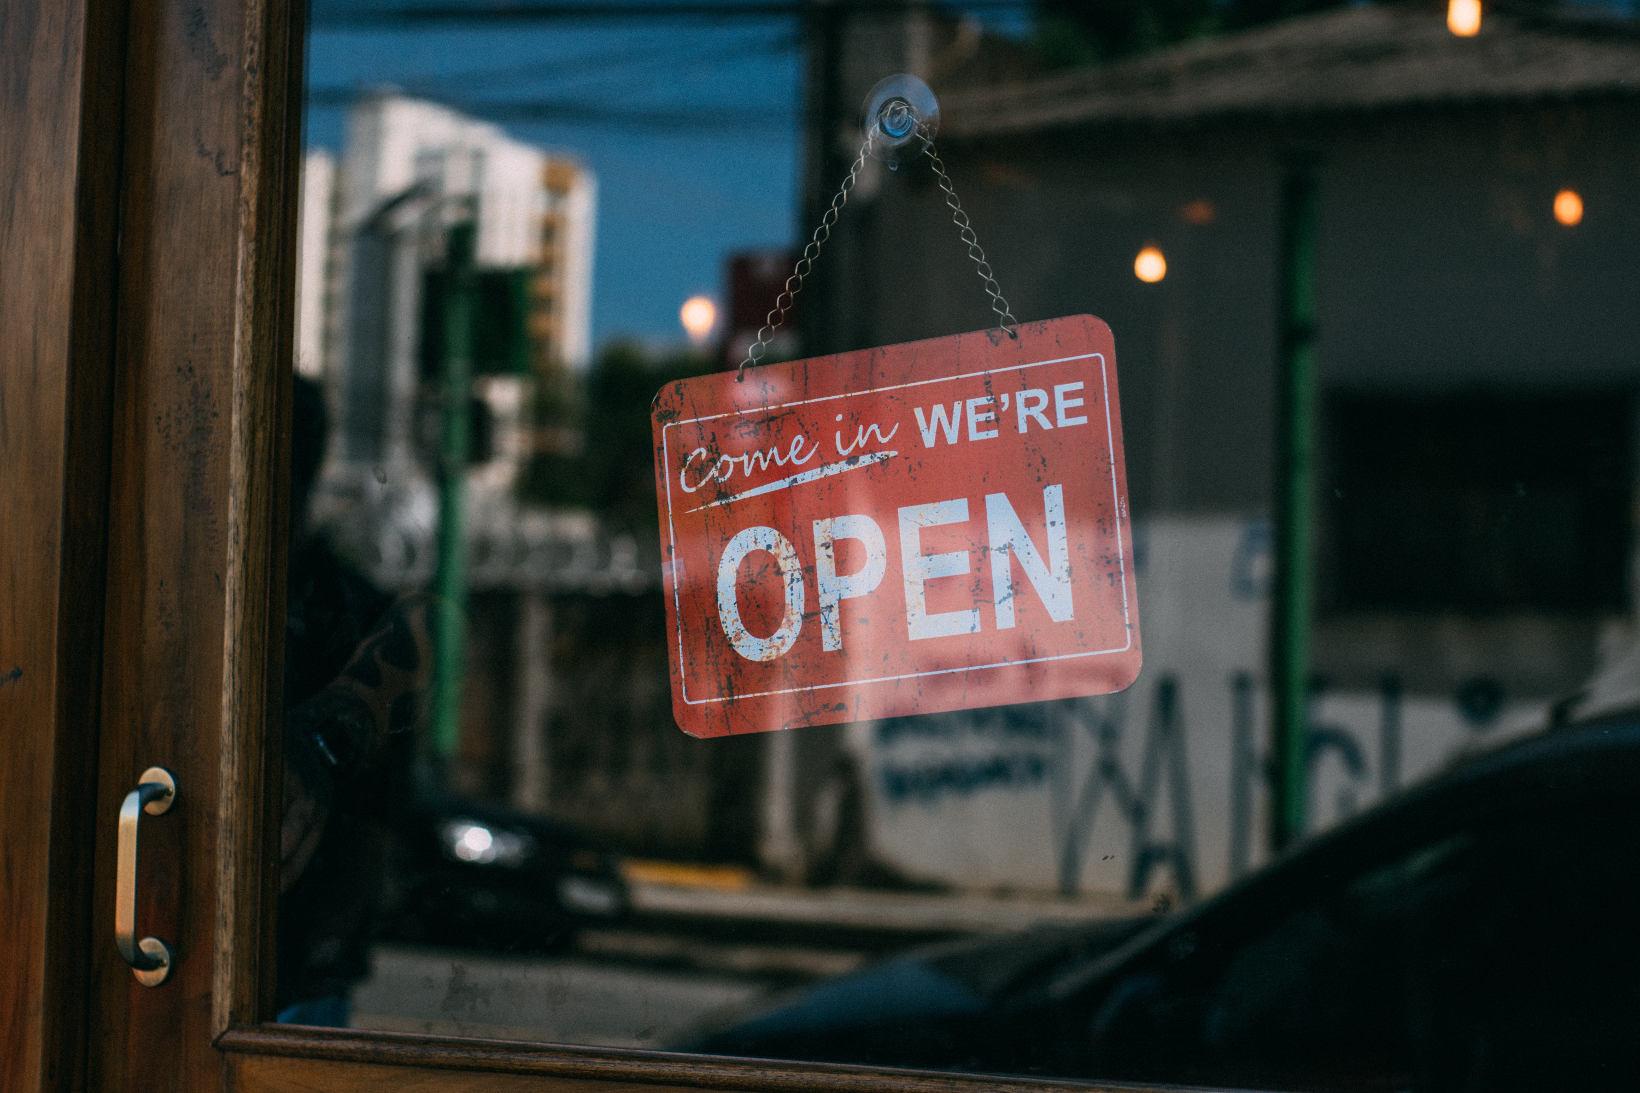 Hai un negozio fisico  5 motivi per cui devi vendere anche online - Delta  informatica 1a07dd4dd449